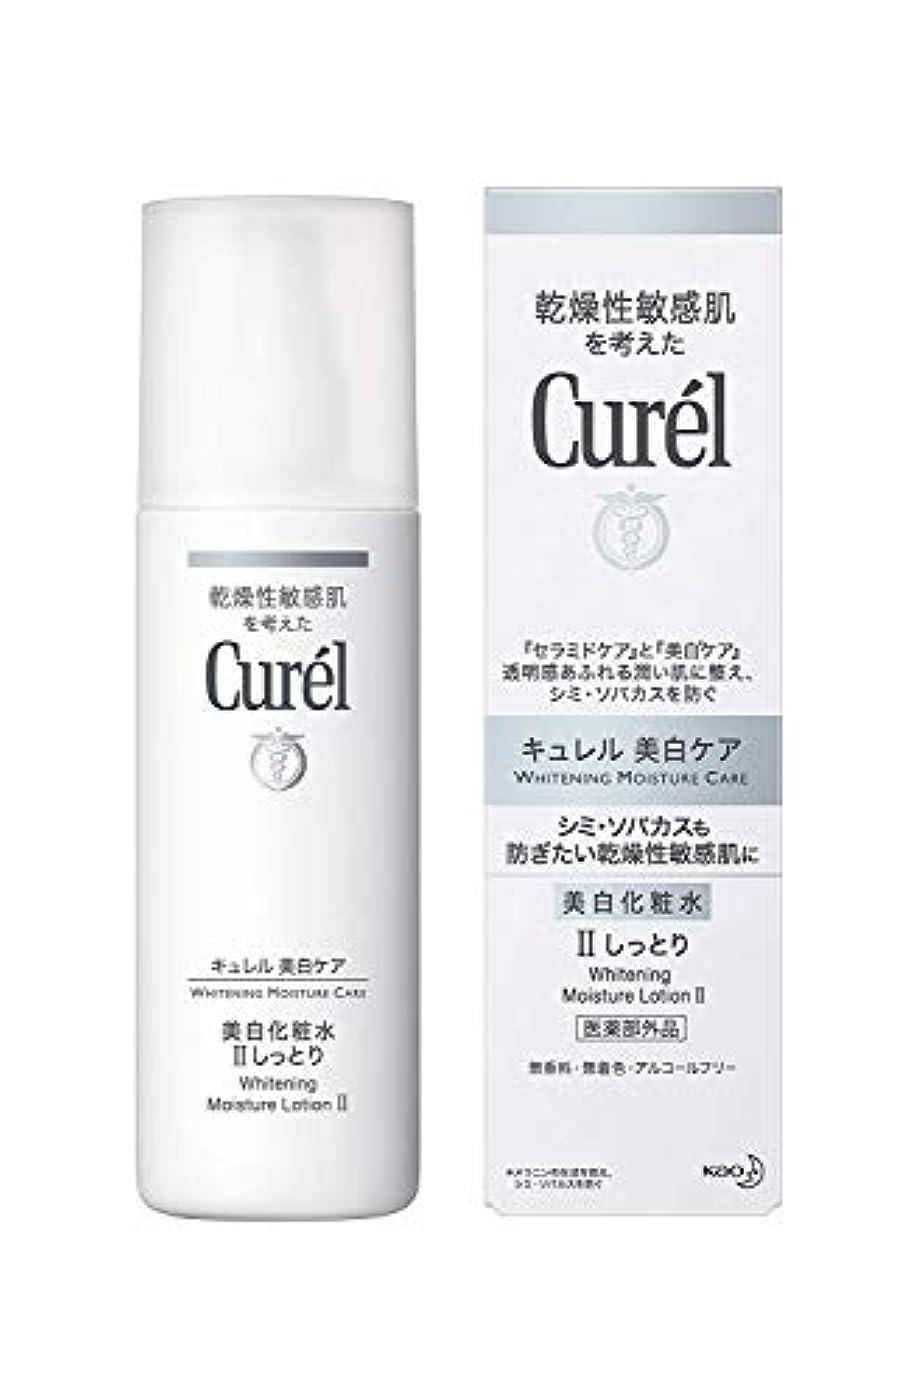 ひどく減衰従者【花王】キュレル 美白化粧水IIノーマル(140ml) ×5個セット